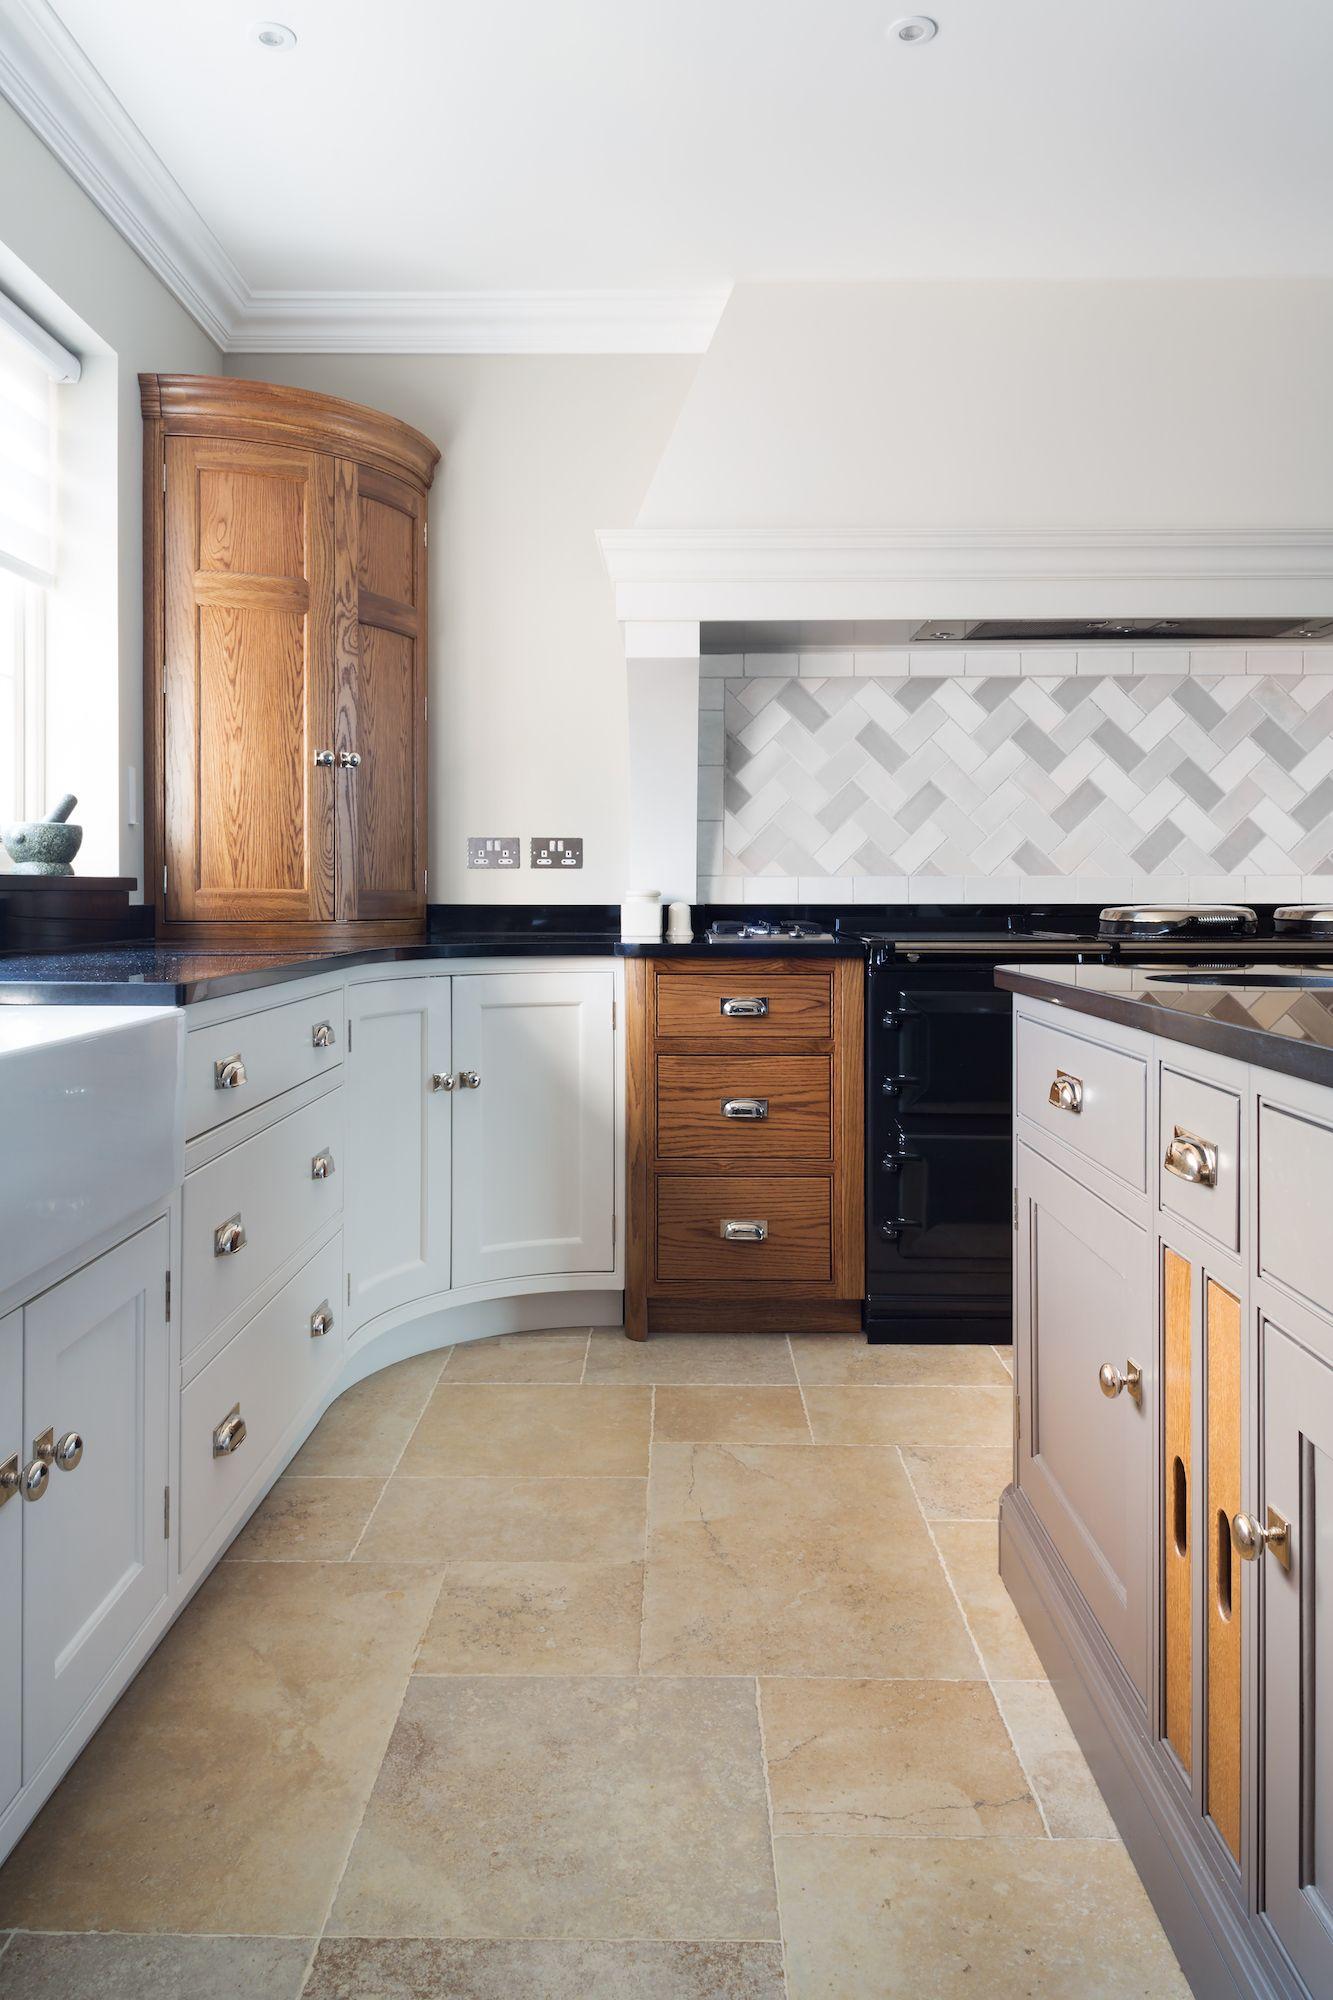 Best Kitchen Gallery: Luxury Country Kitchen Maldon Essex Humphrey Munson Kitchens of Luxury Country Kitchens on rachelxblog.com